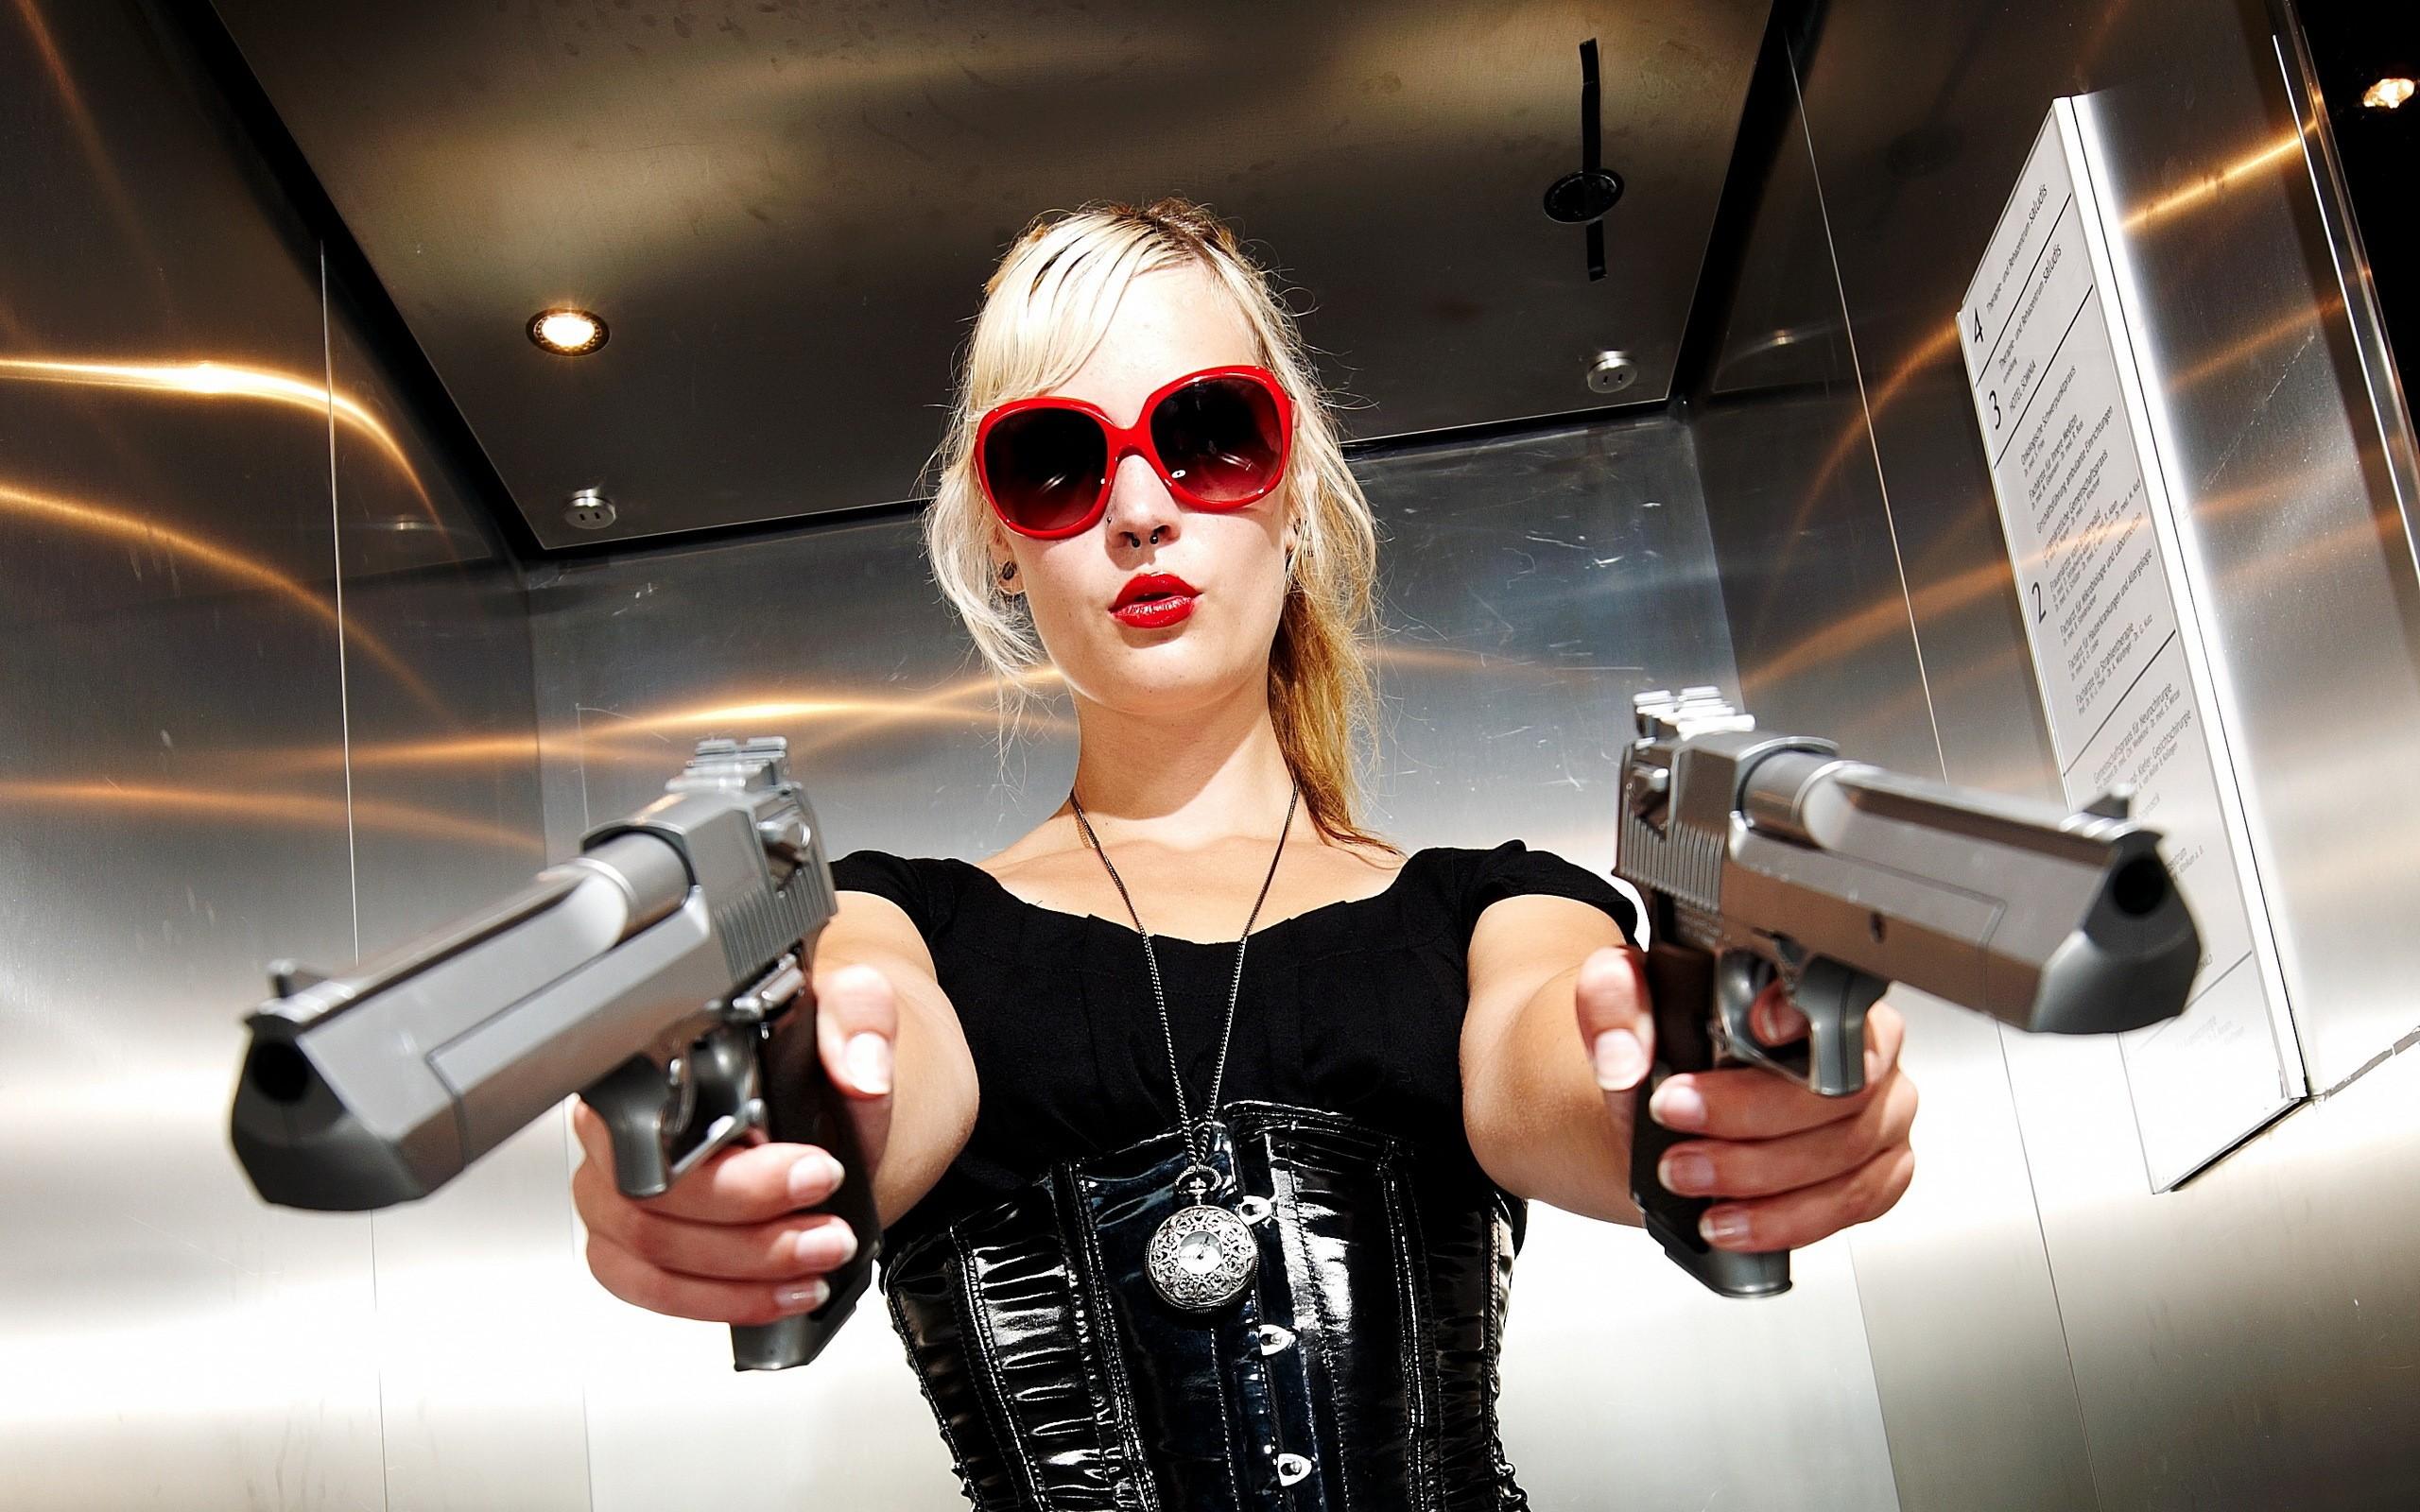 mujer pistolas.jpg